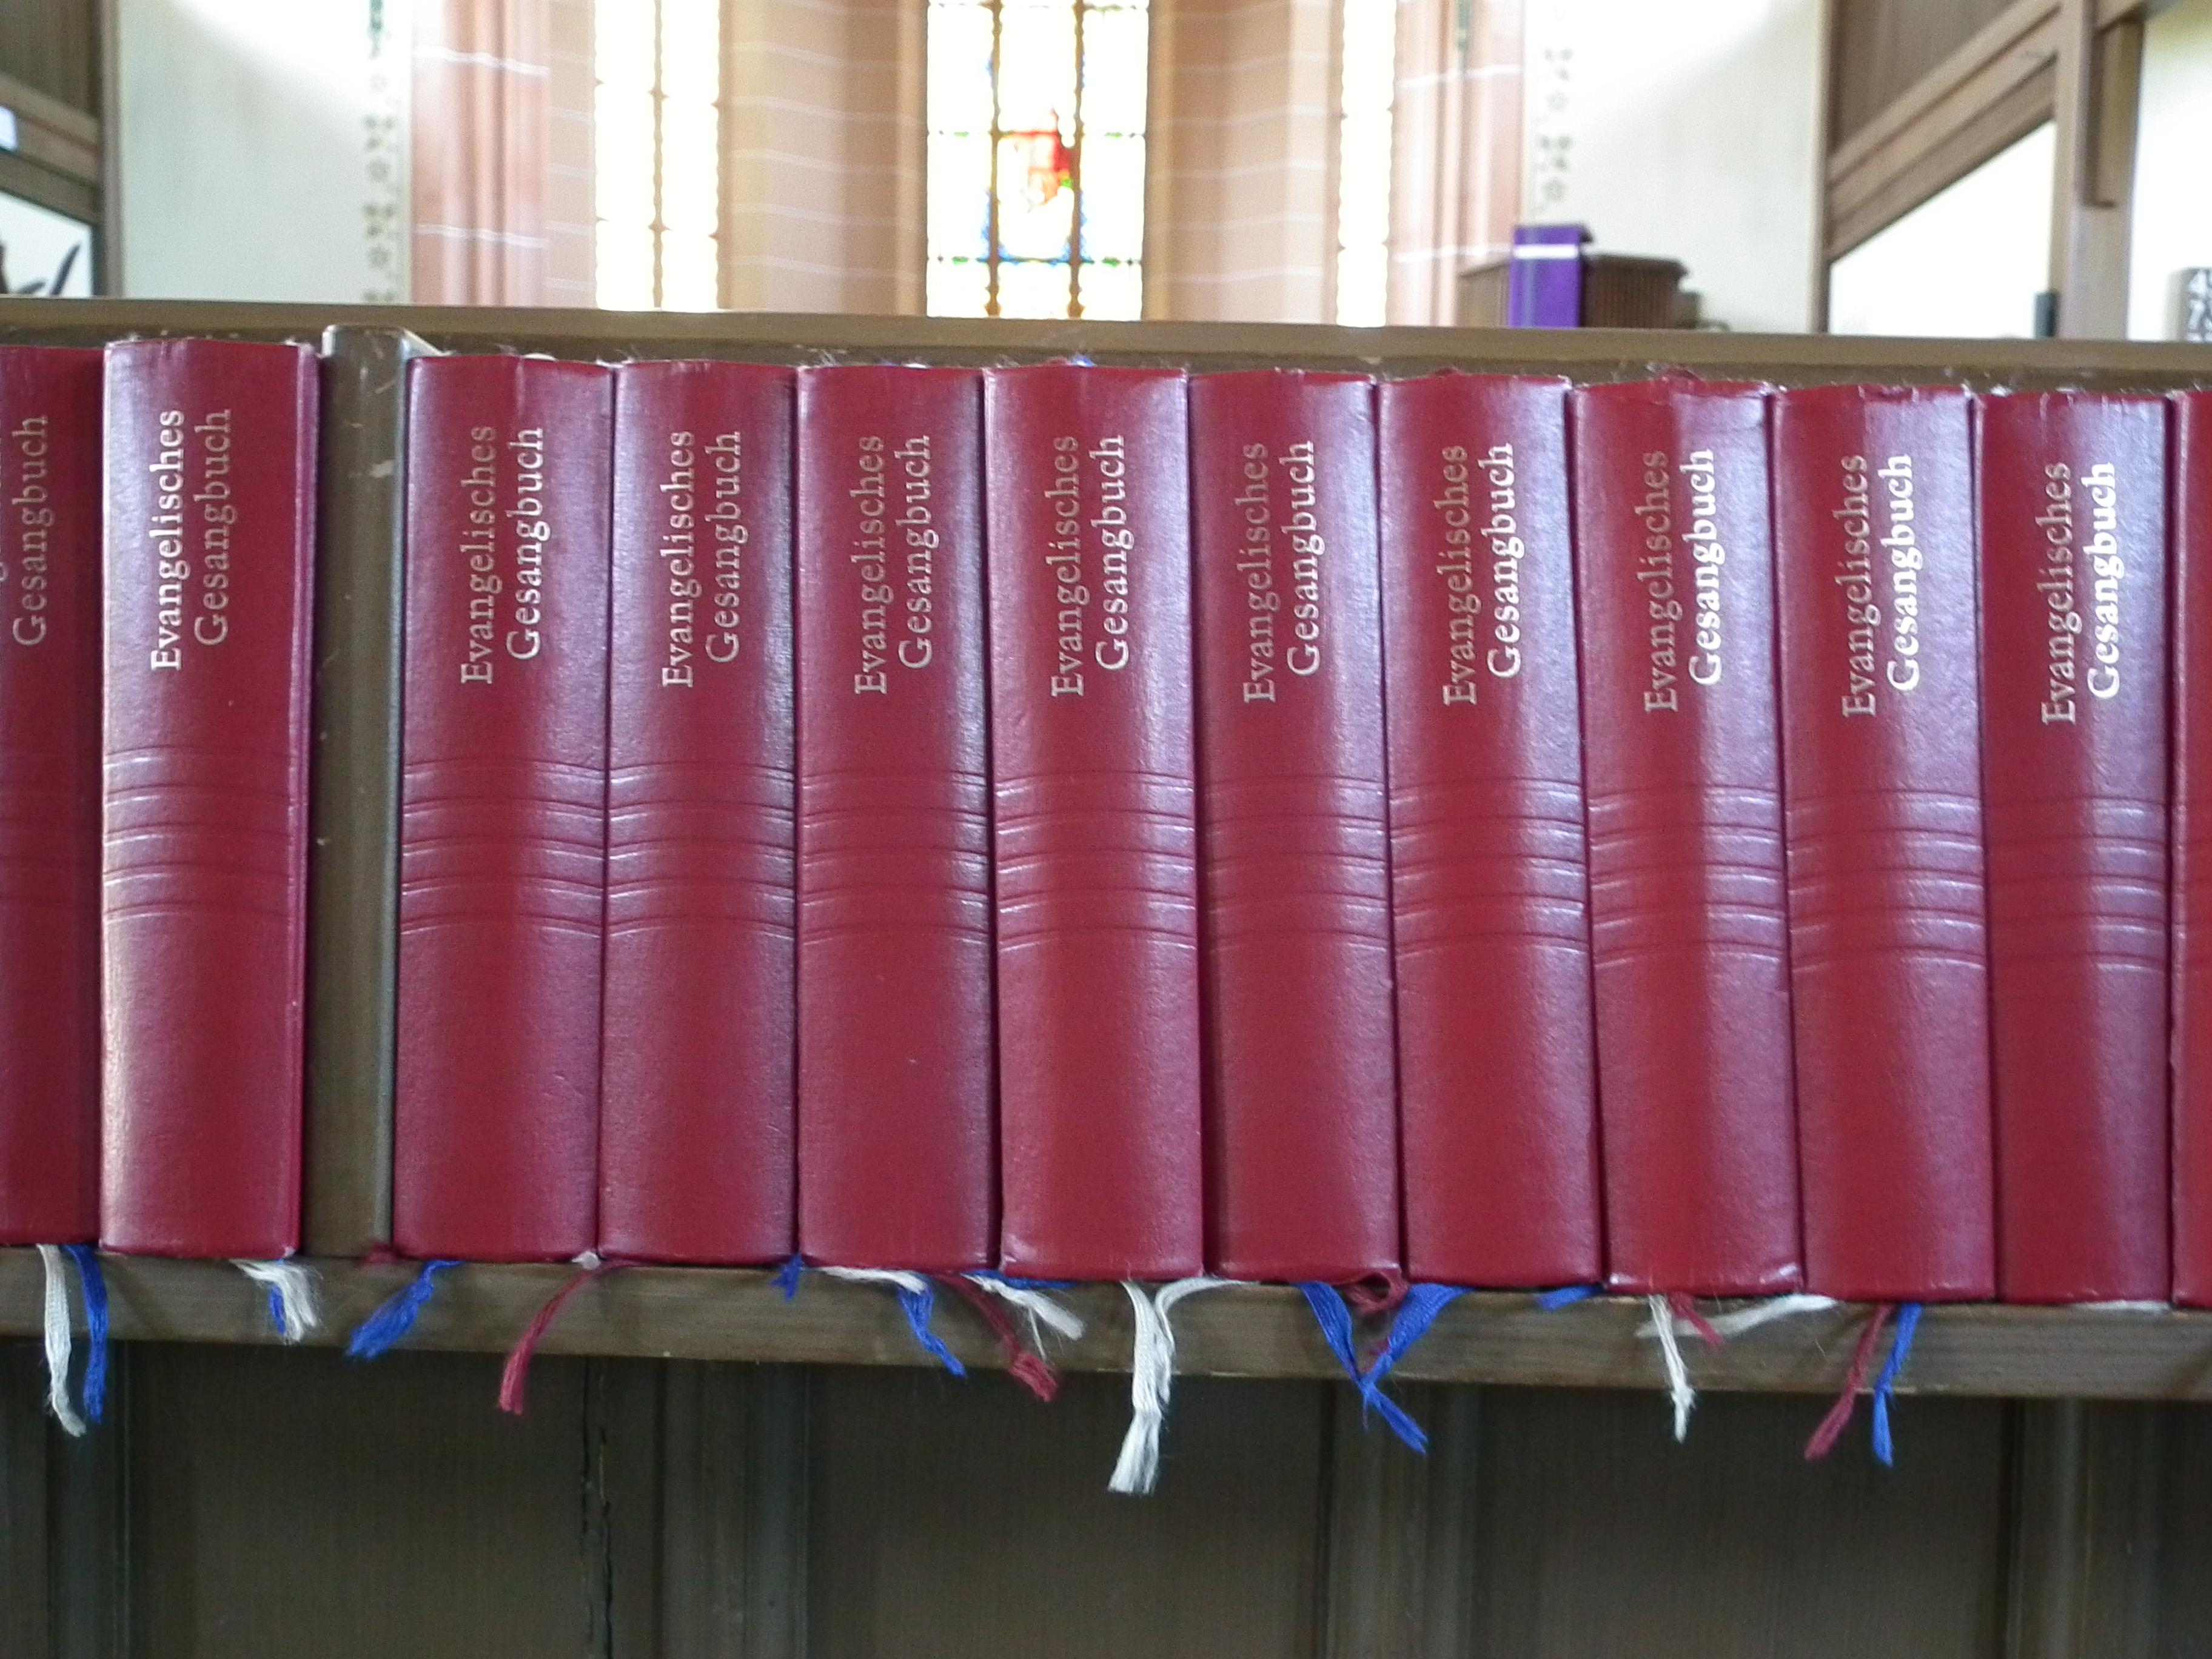 Liste Der Kirchenlieder Im Evangelischen Gesangbuch Wikipedia